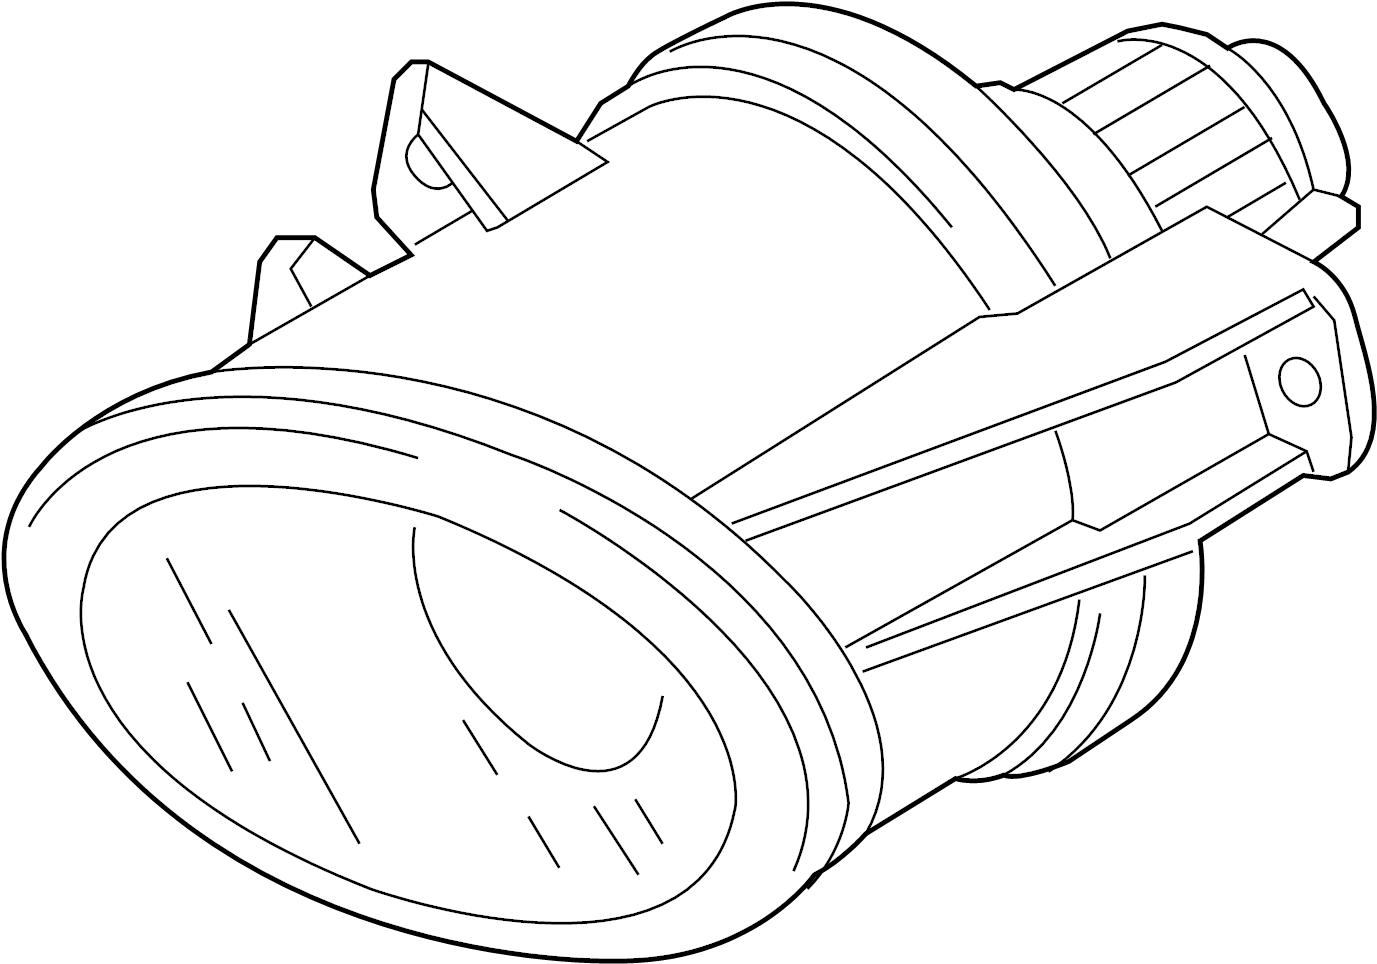 2009 audi s5 fog  housing  lamp  light  lens and amplifier